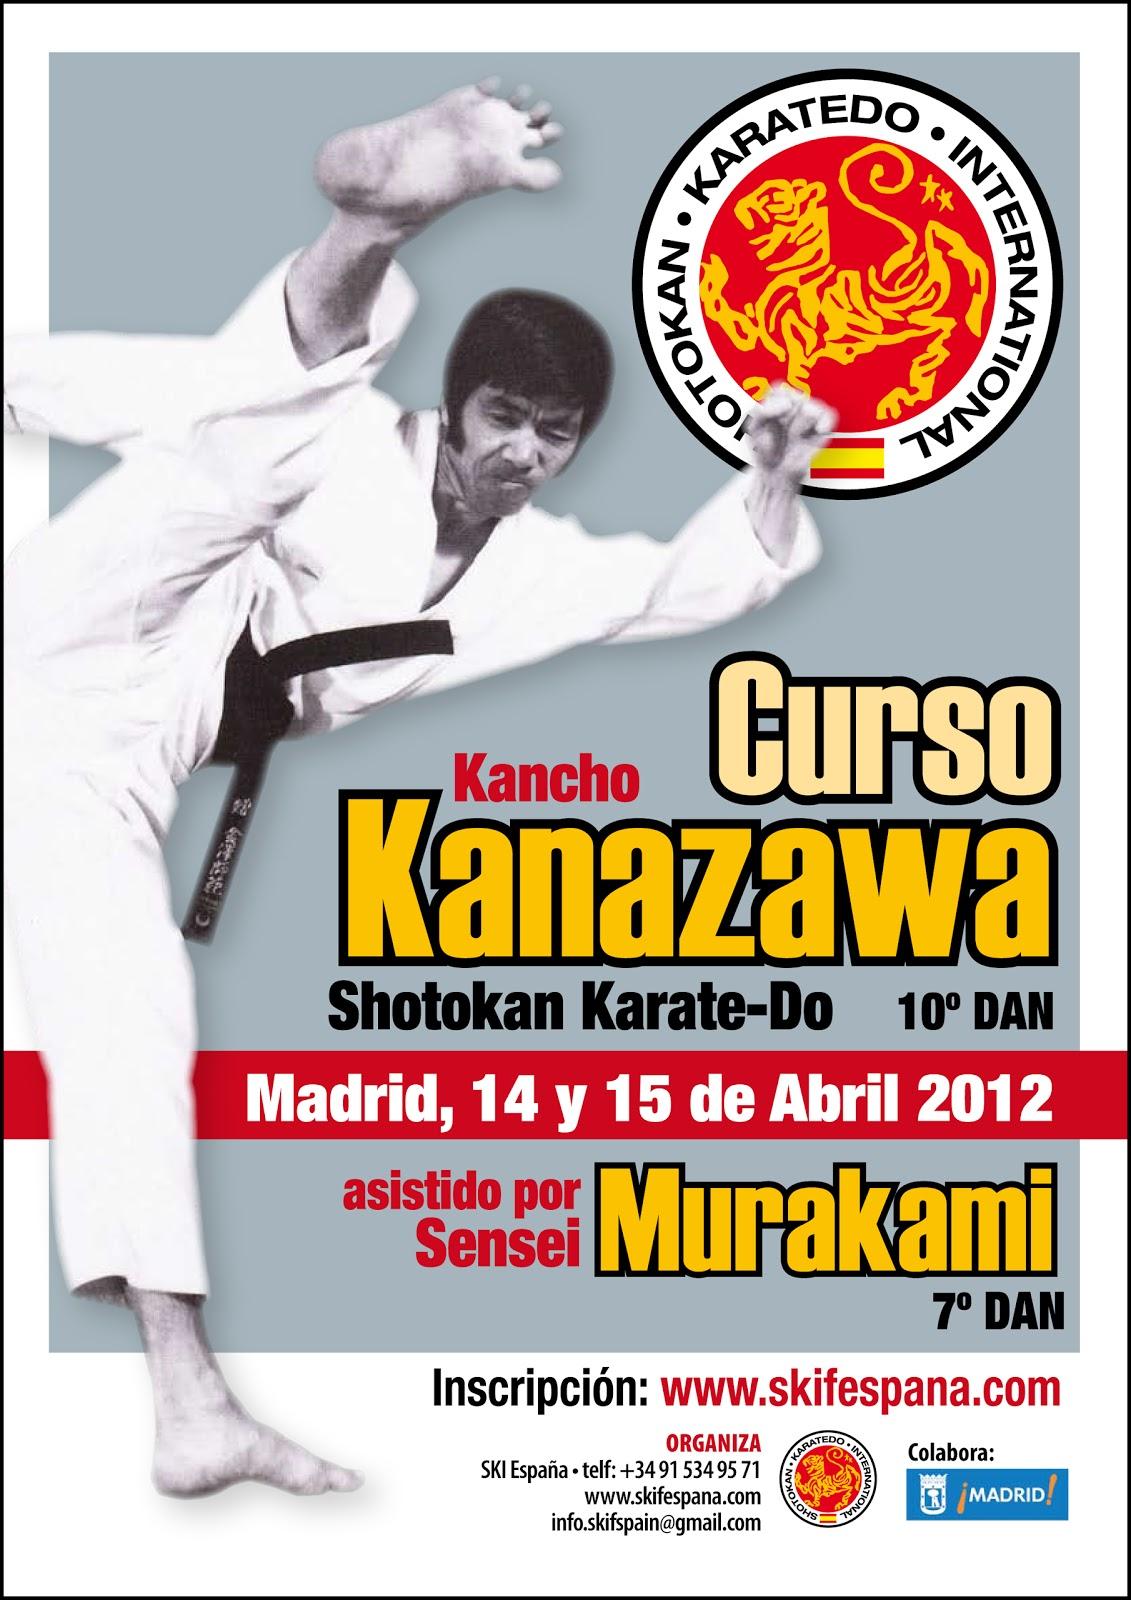 Karate colindres nuevo curso del kancho kanazawa en madrid for Curso de escaparatismo madrid